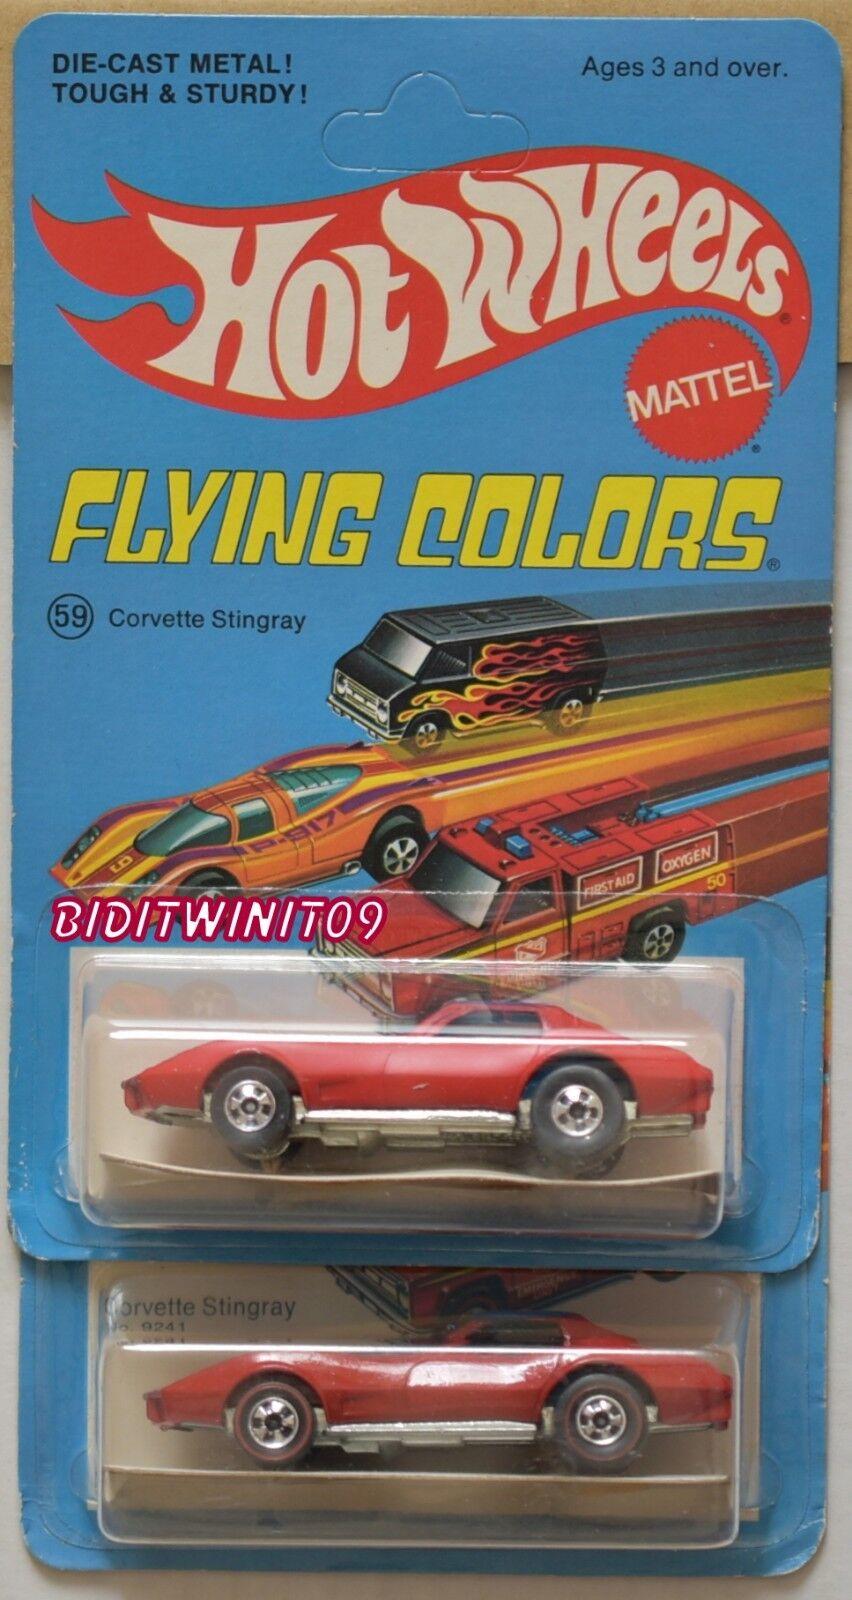 Hot Wheels 1997 Flying Couleurs Couleurs Couleurs Corvette StinGris  1975 & Roues Variation W   France  7a64aa